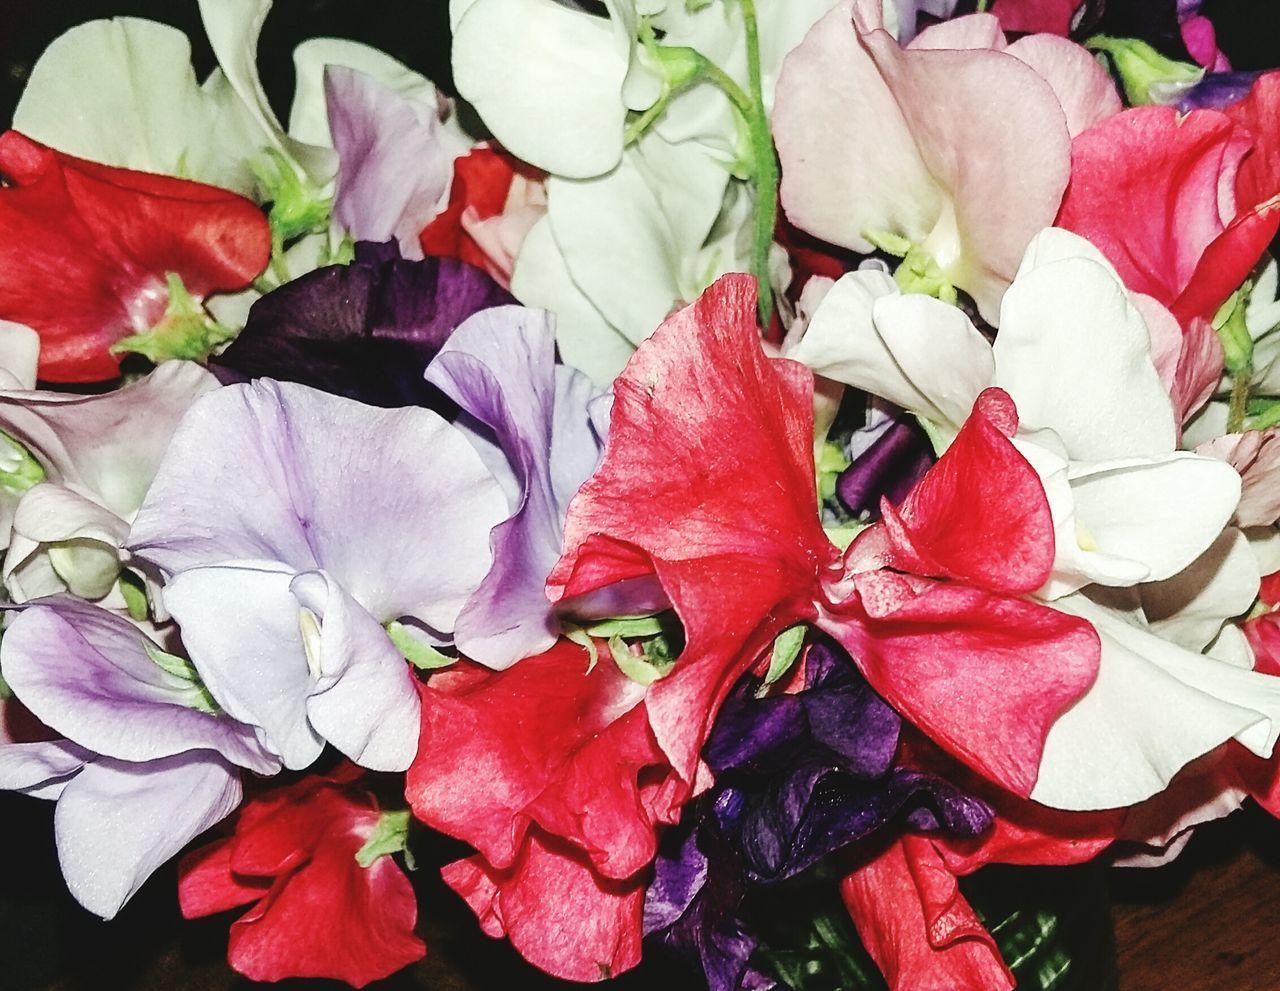 Blütenzauber MAI Flowers Zarte Blüte Colorful Frühlingsstrauss Blütenpracht Birthday Flowers Looks Like Butterfly Schmetterlingsblume